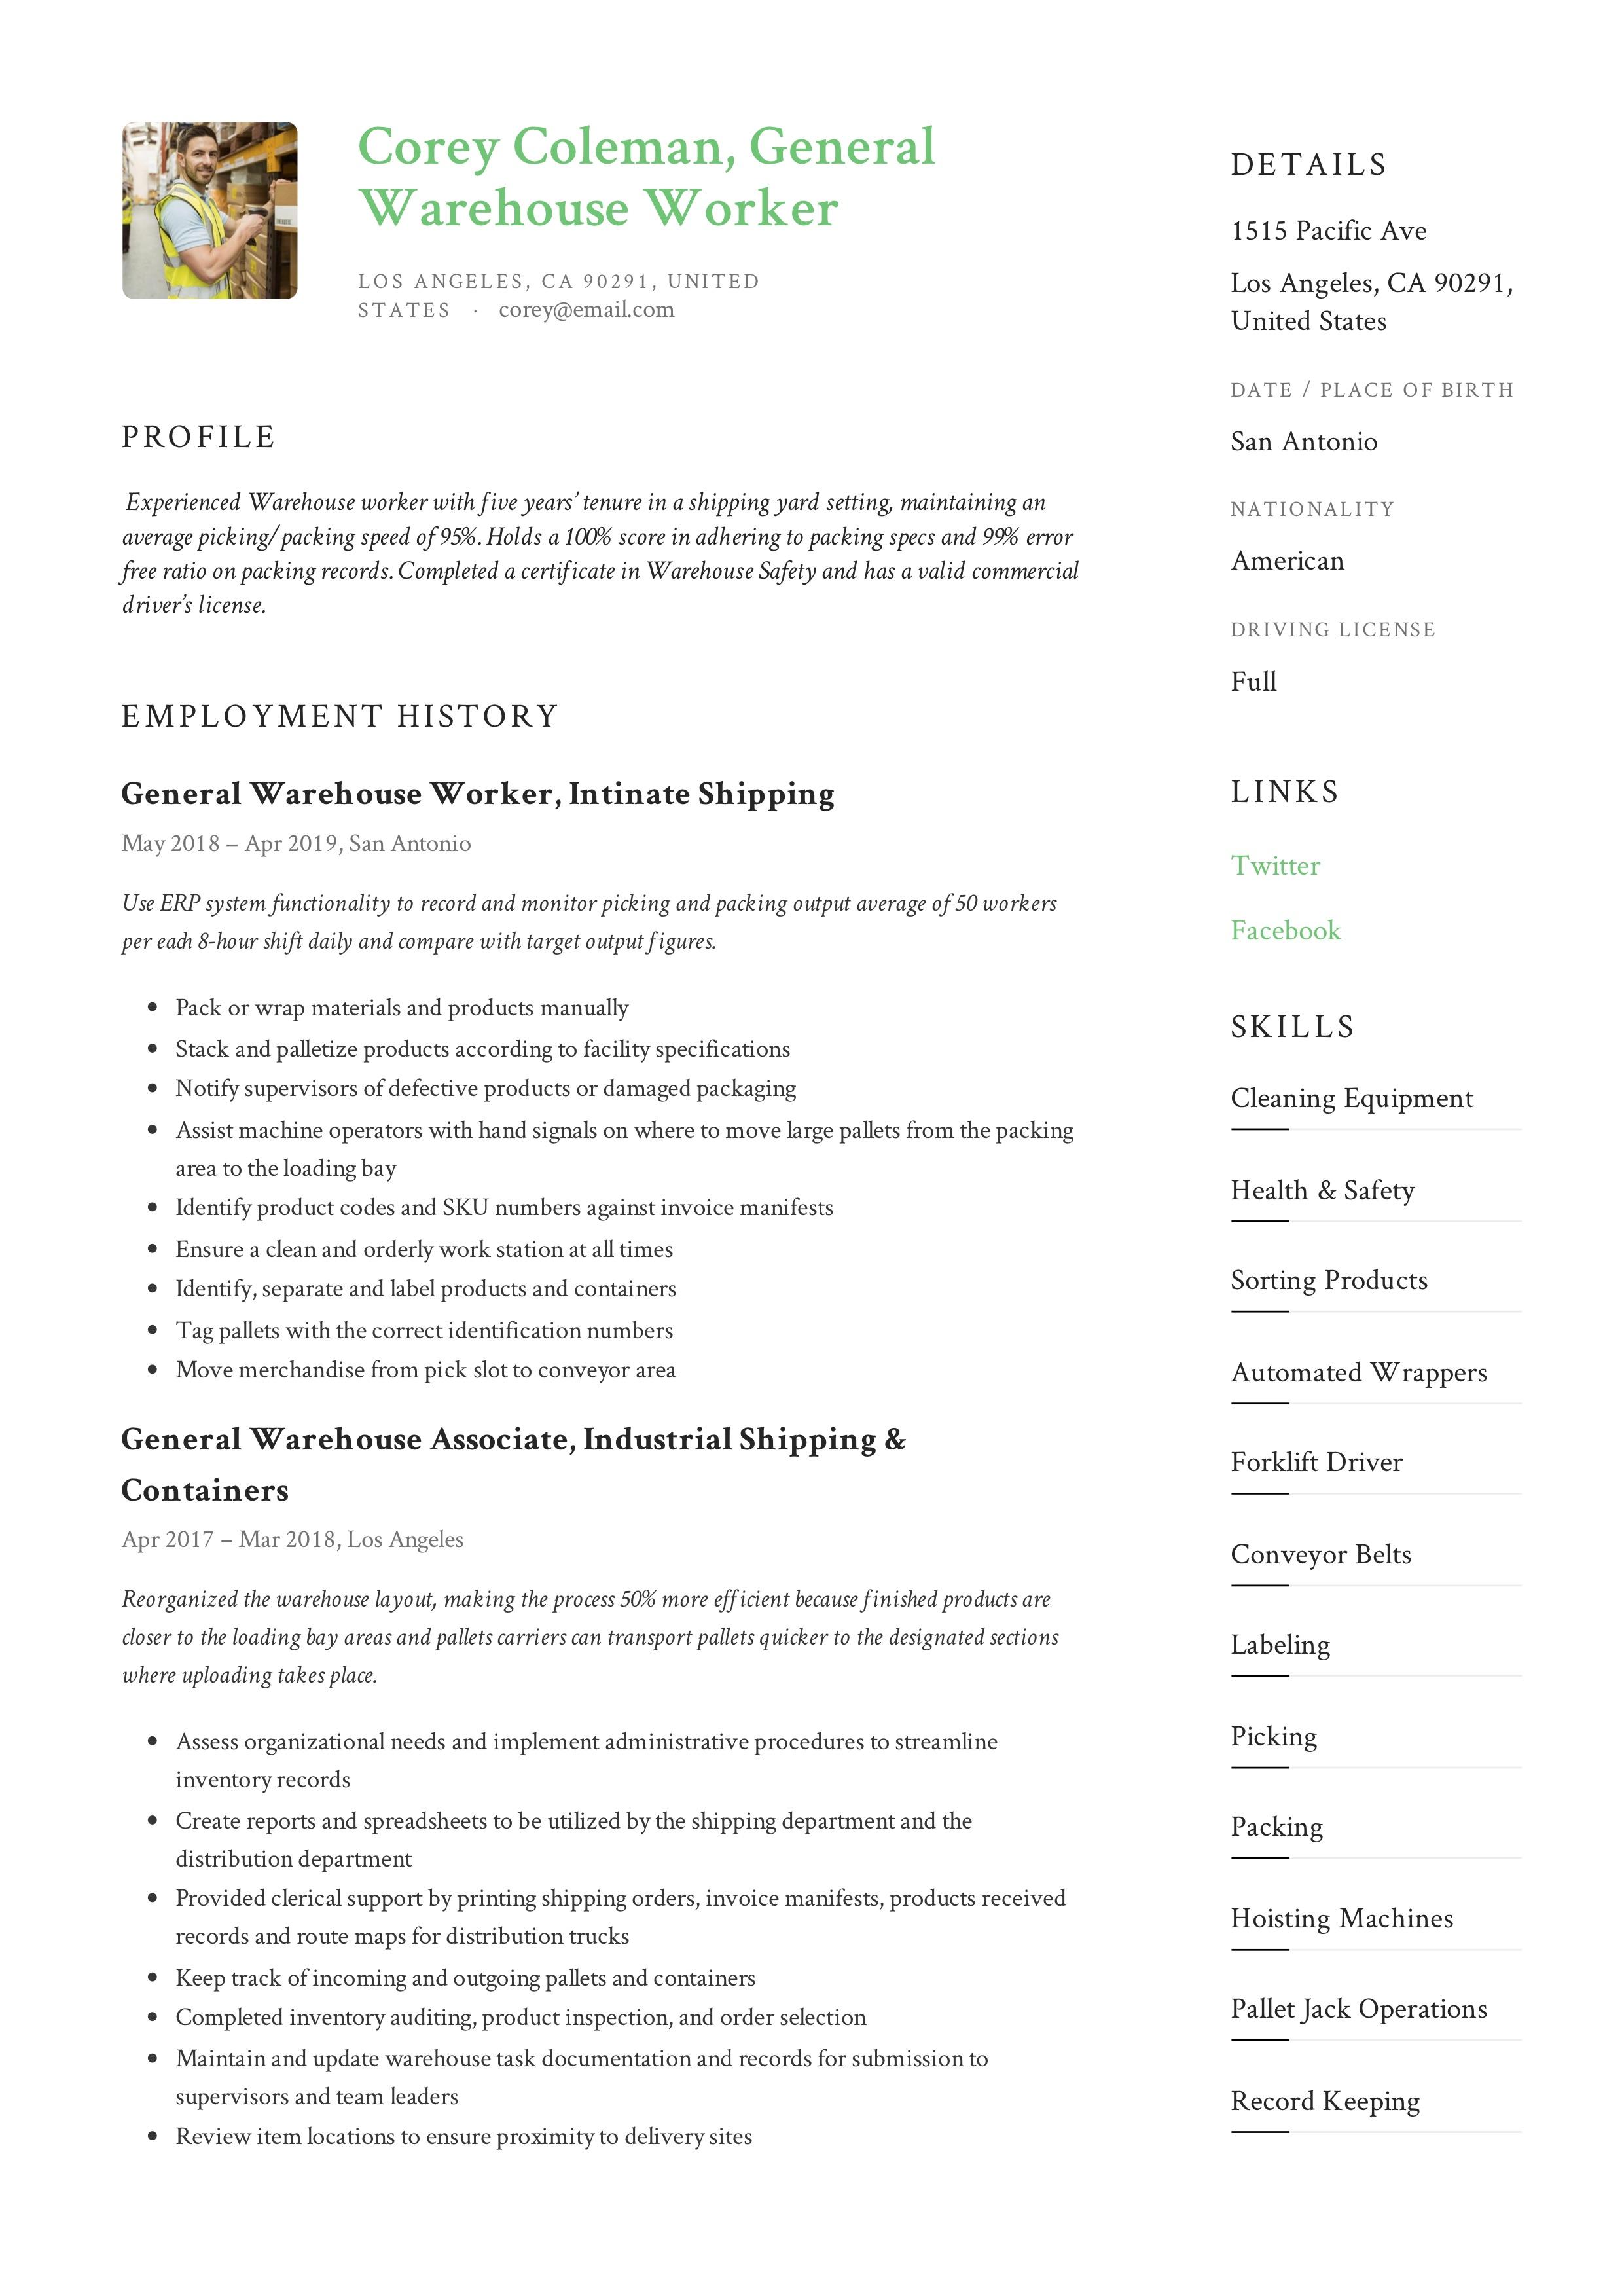 Corey_Coleman_-_Resume_-_General_Warehouse_Worker (5)